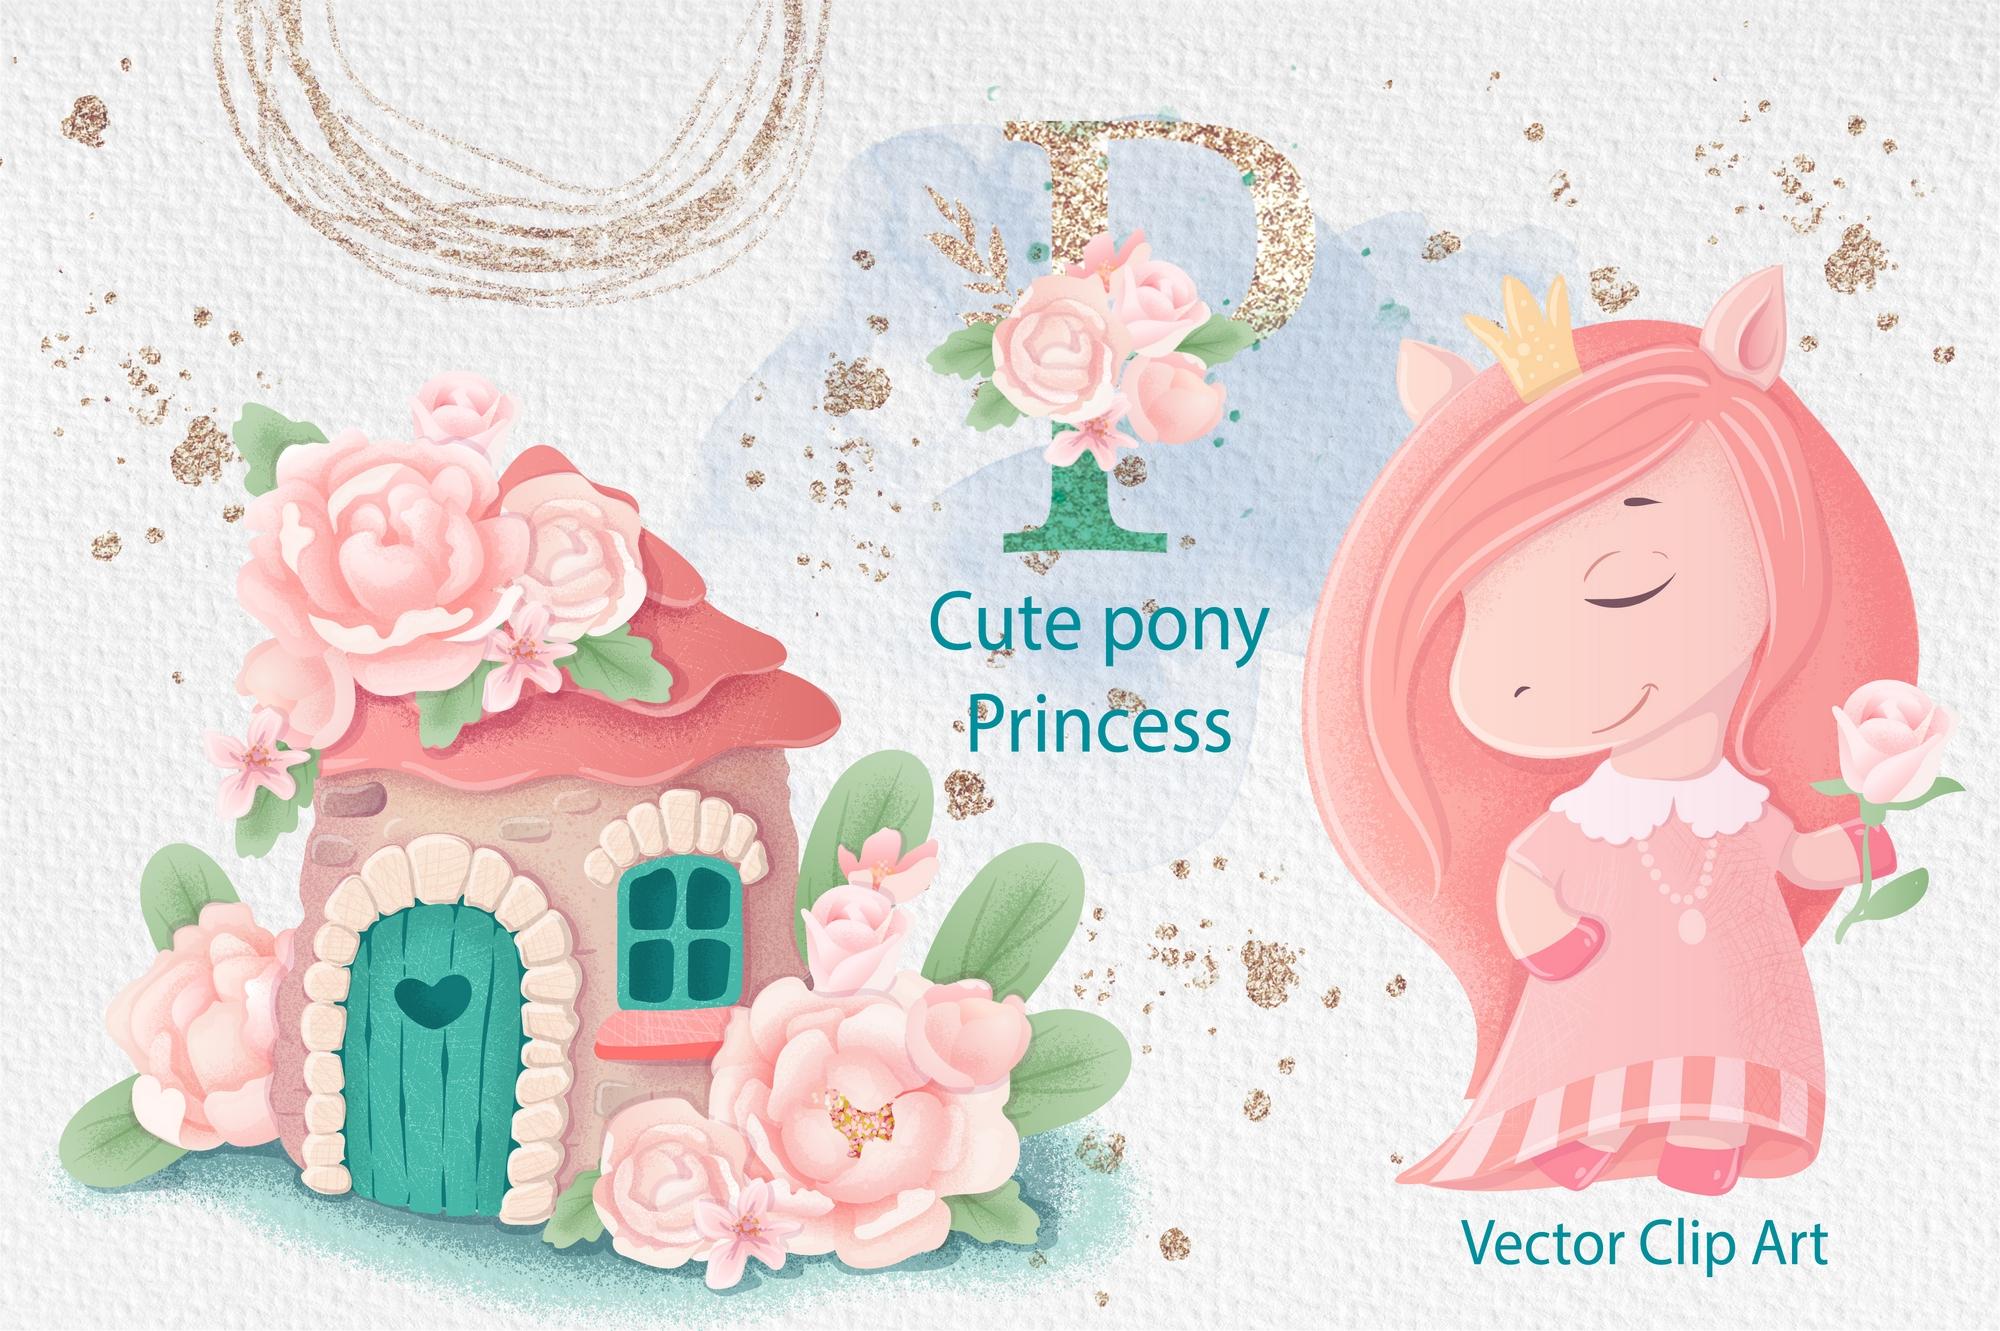 可爱小马公主花卉大写字母手绘剪贴画集 Cute Pony Princess插图